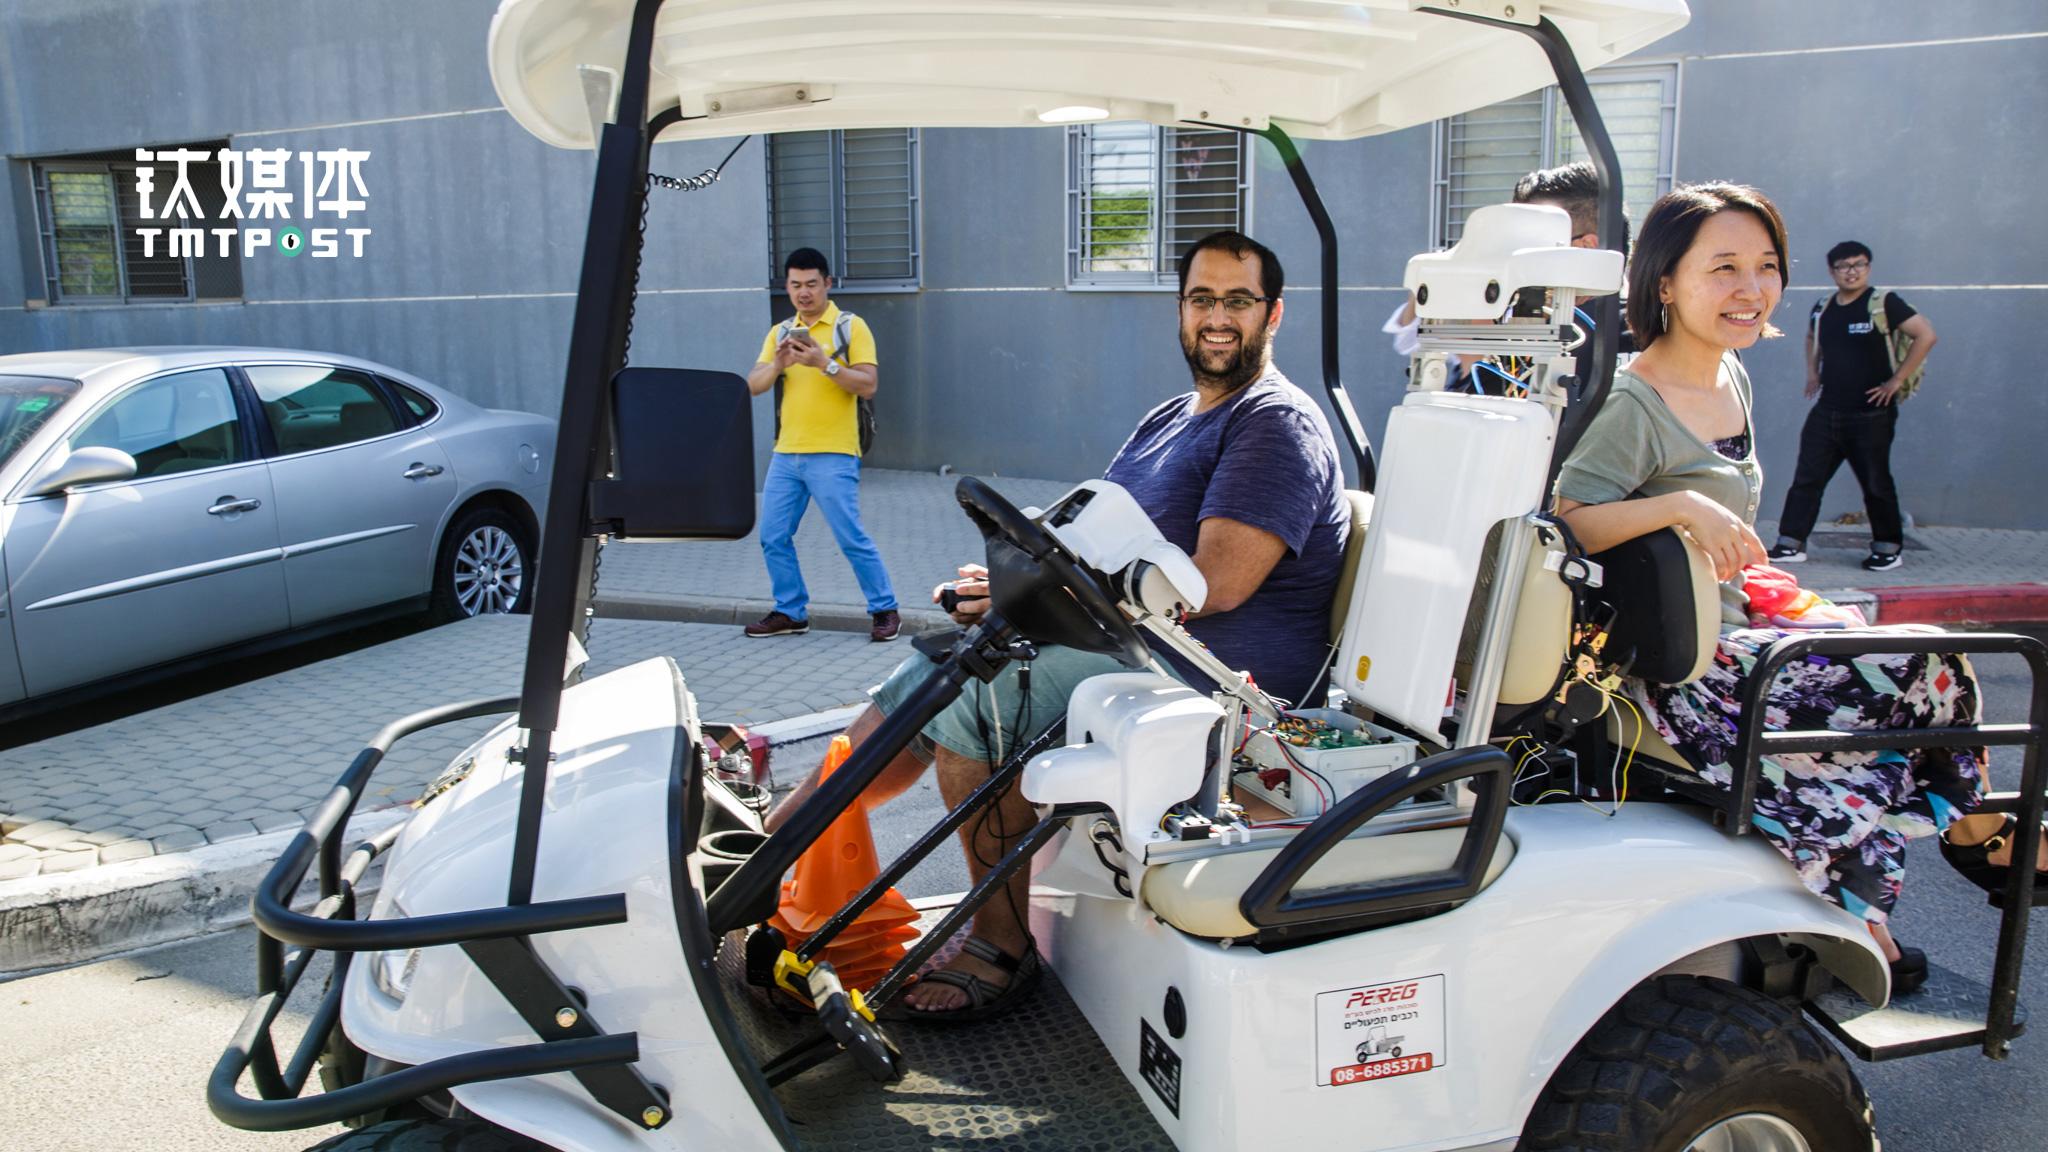 图为钛媒体考察团人员正在亲身体验无人驾驶车。(图/朱玲玉)